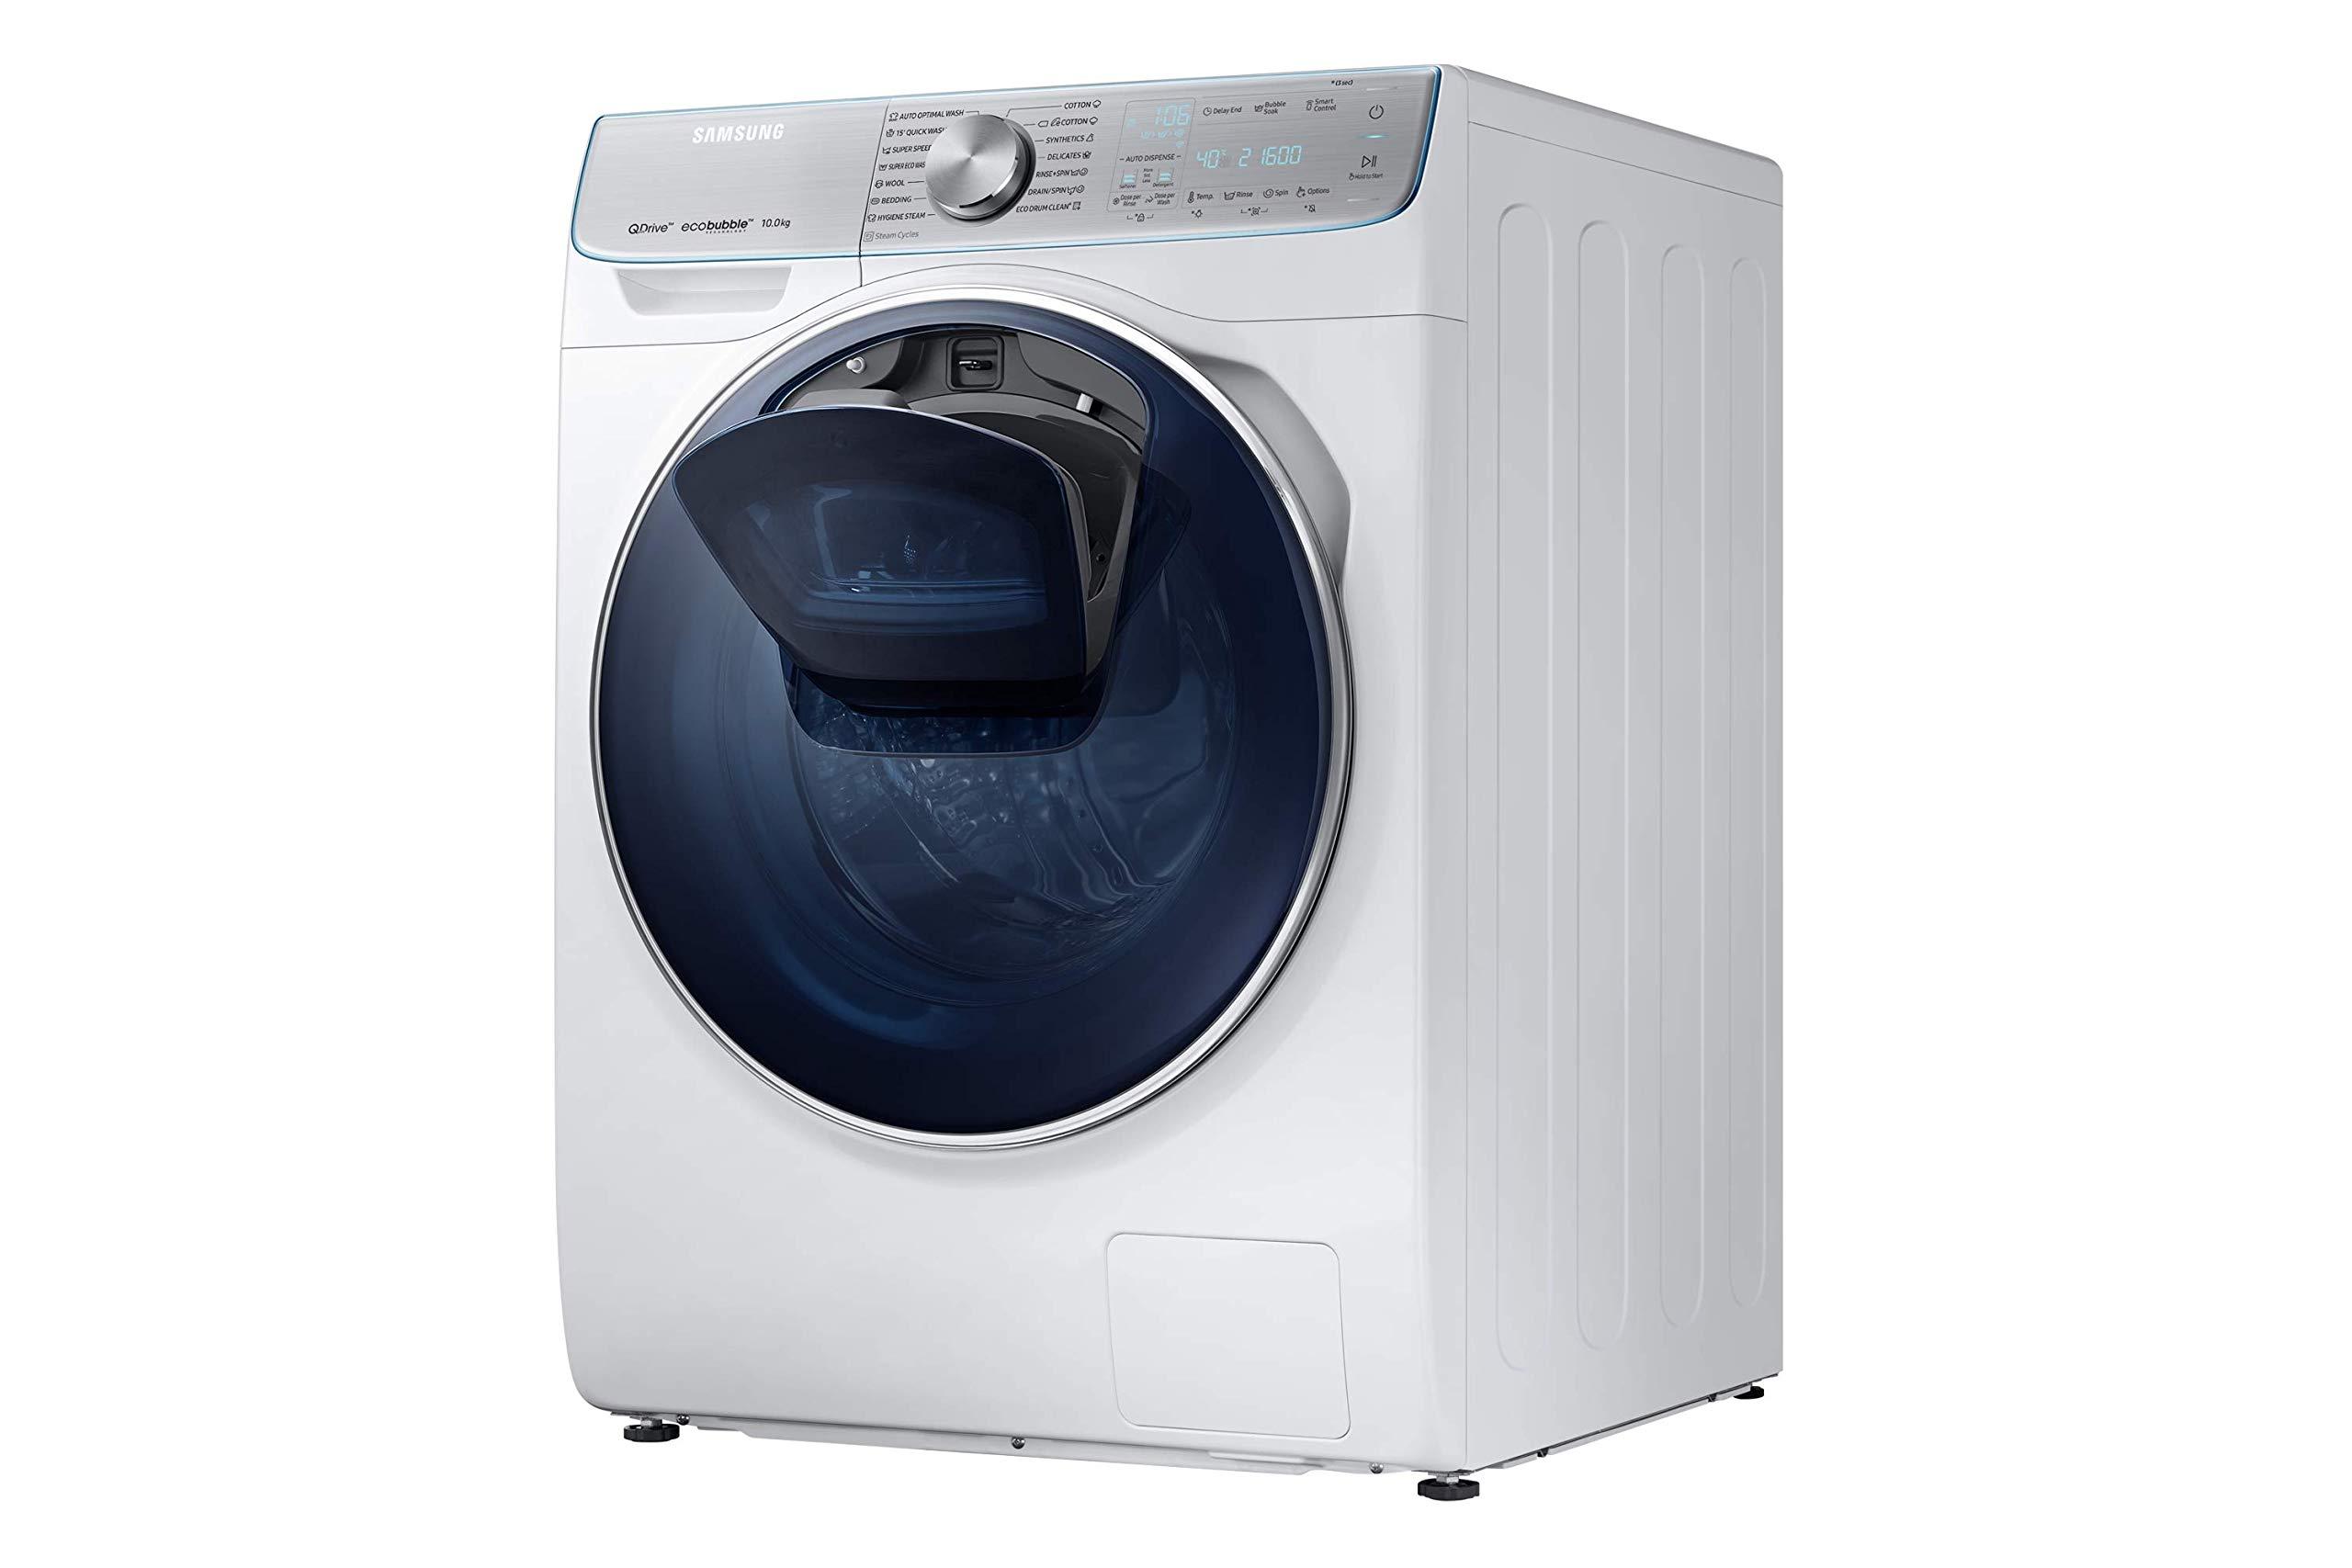 Samsung-WW10M86INOA-QuickDrive-Waschmaschine-10-kg-1600-rpm-wei-Energieklasse-A